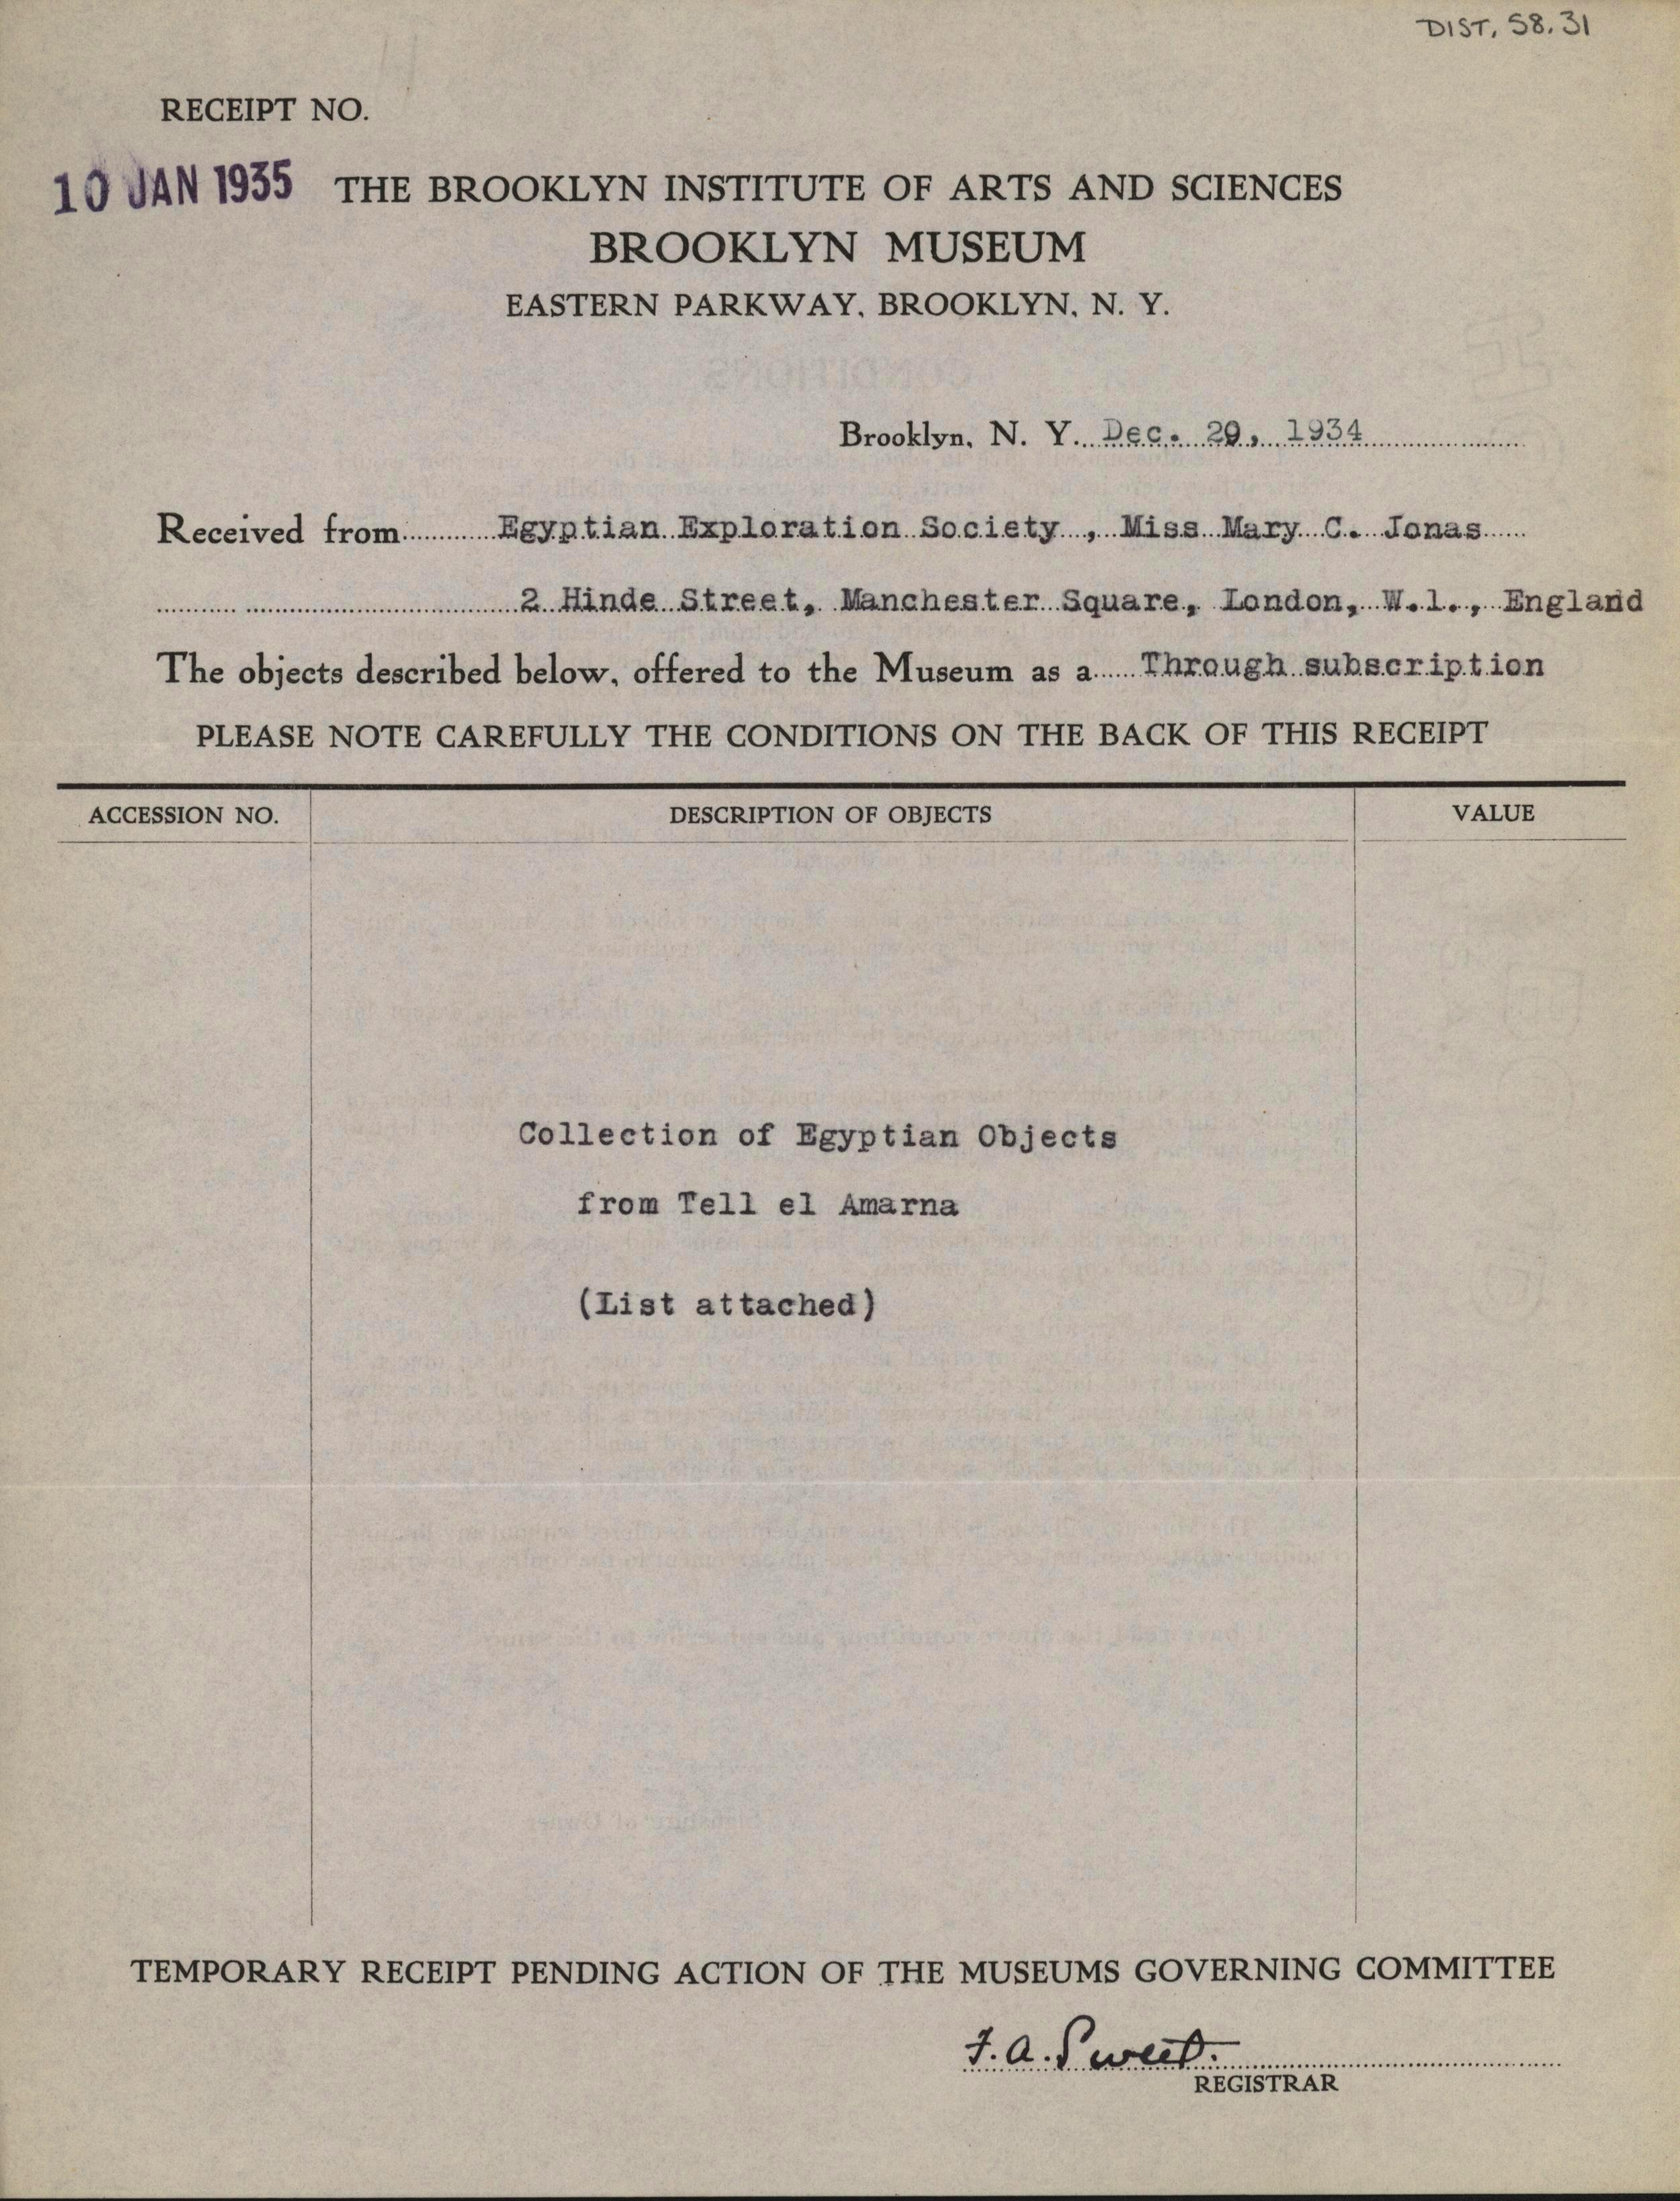 1934-35 el-Amarna DIST.58.31a